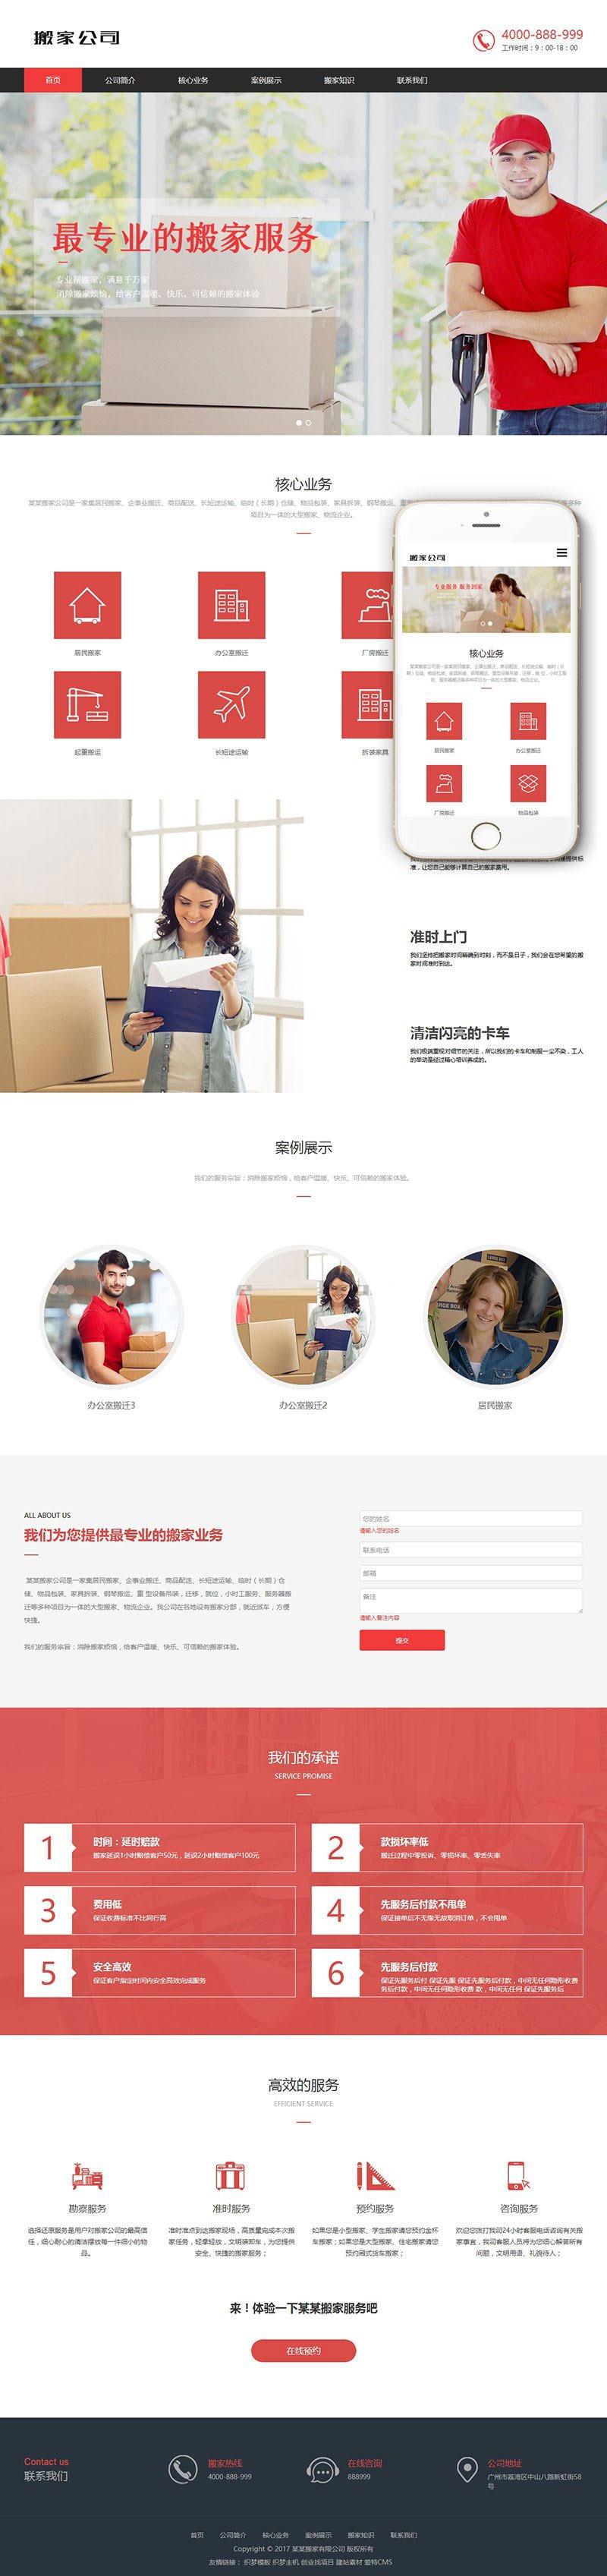 织梦dedecms模板响应式搬家家政生活服务类网站织梦模板源码PC+wap手机端利于SEO优化